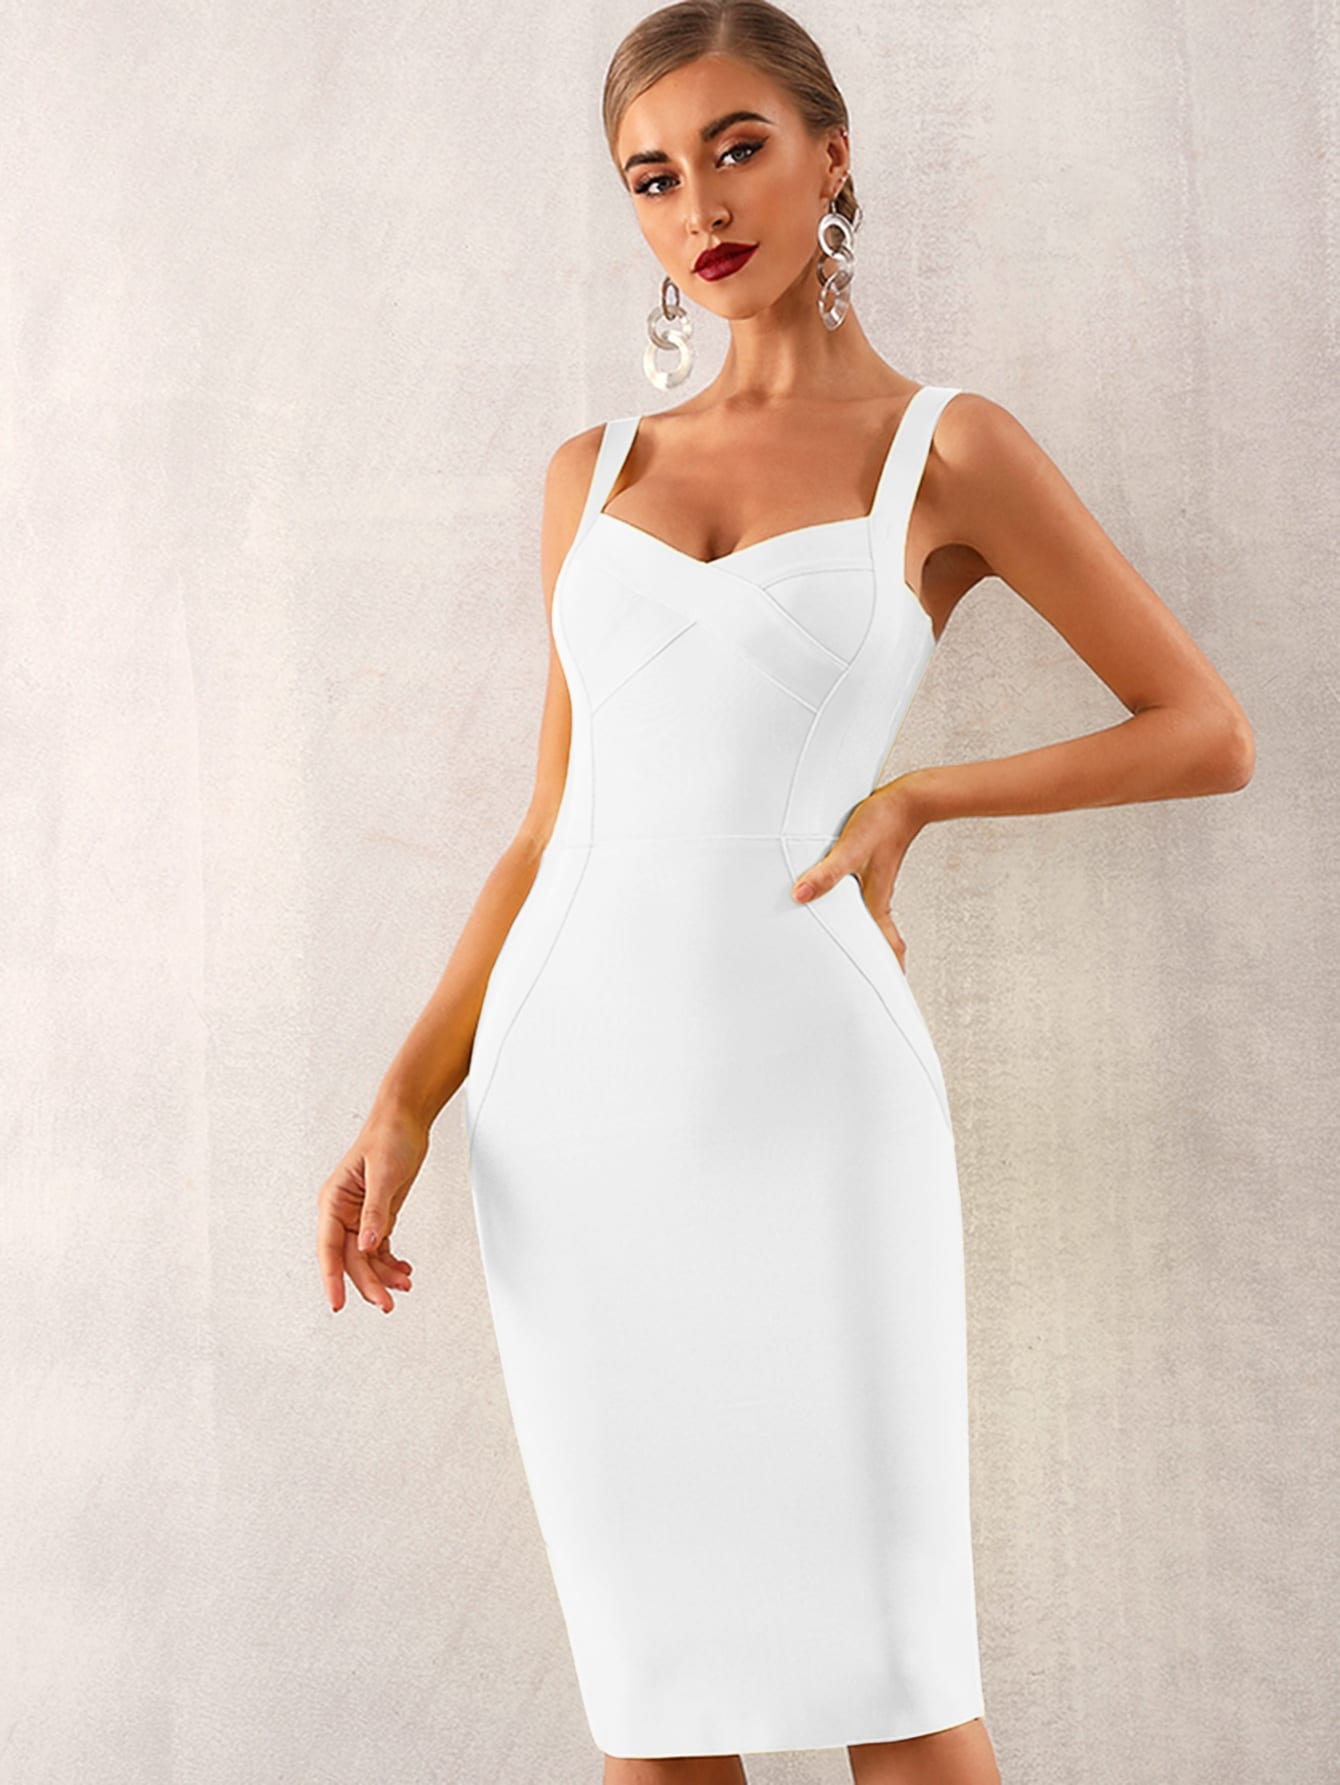 Фото - Adyce однотонное бандажное платье на бретелях от SheIn цвет белые